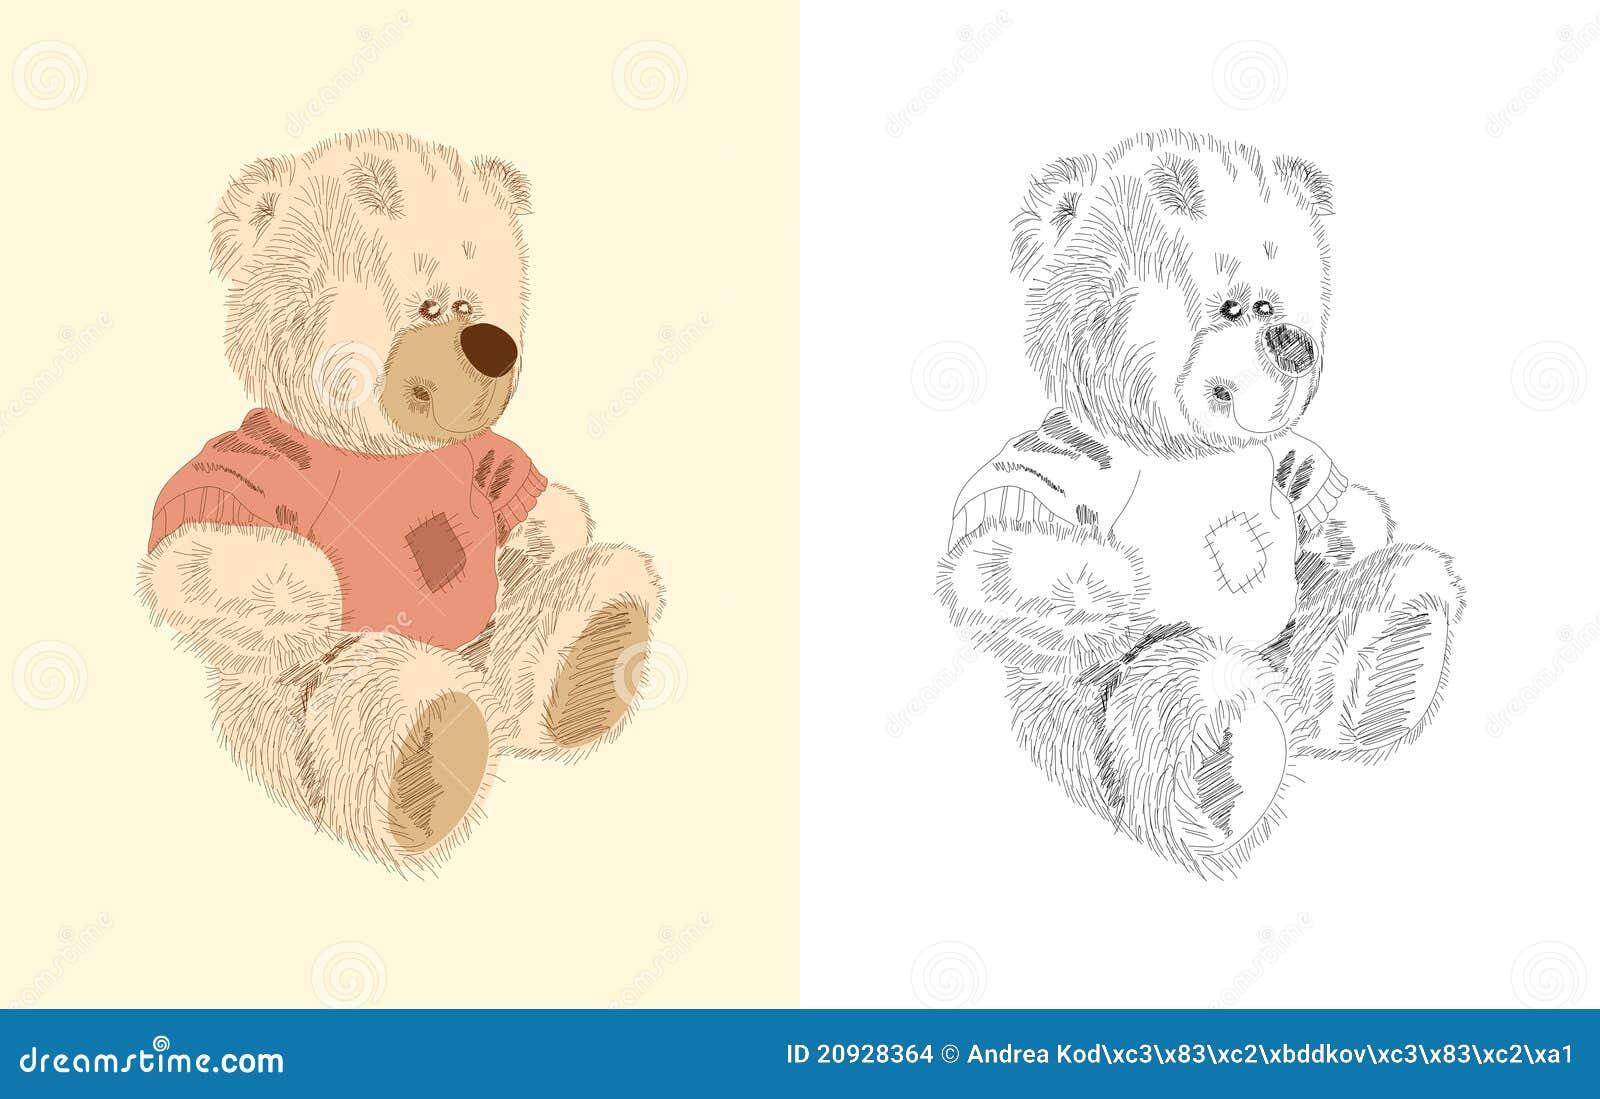 Hand Gezeichnetes Spielzeug - Brauner Teddybär Vektor Abbildung ...